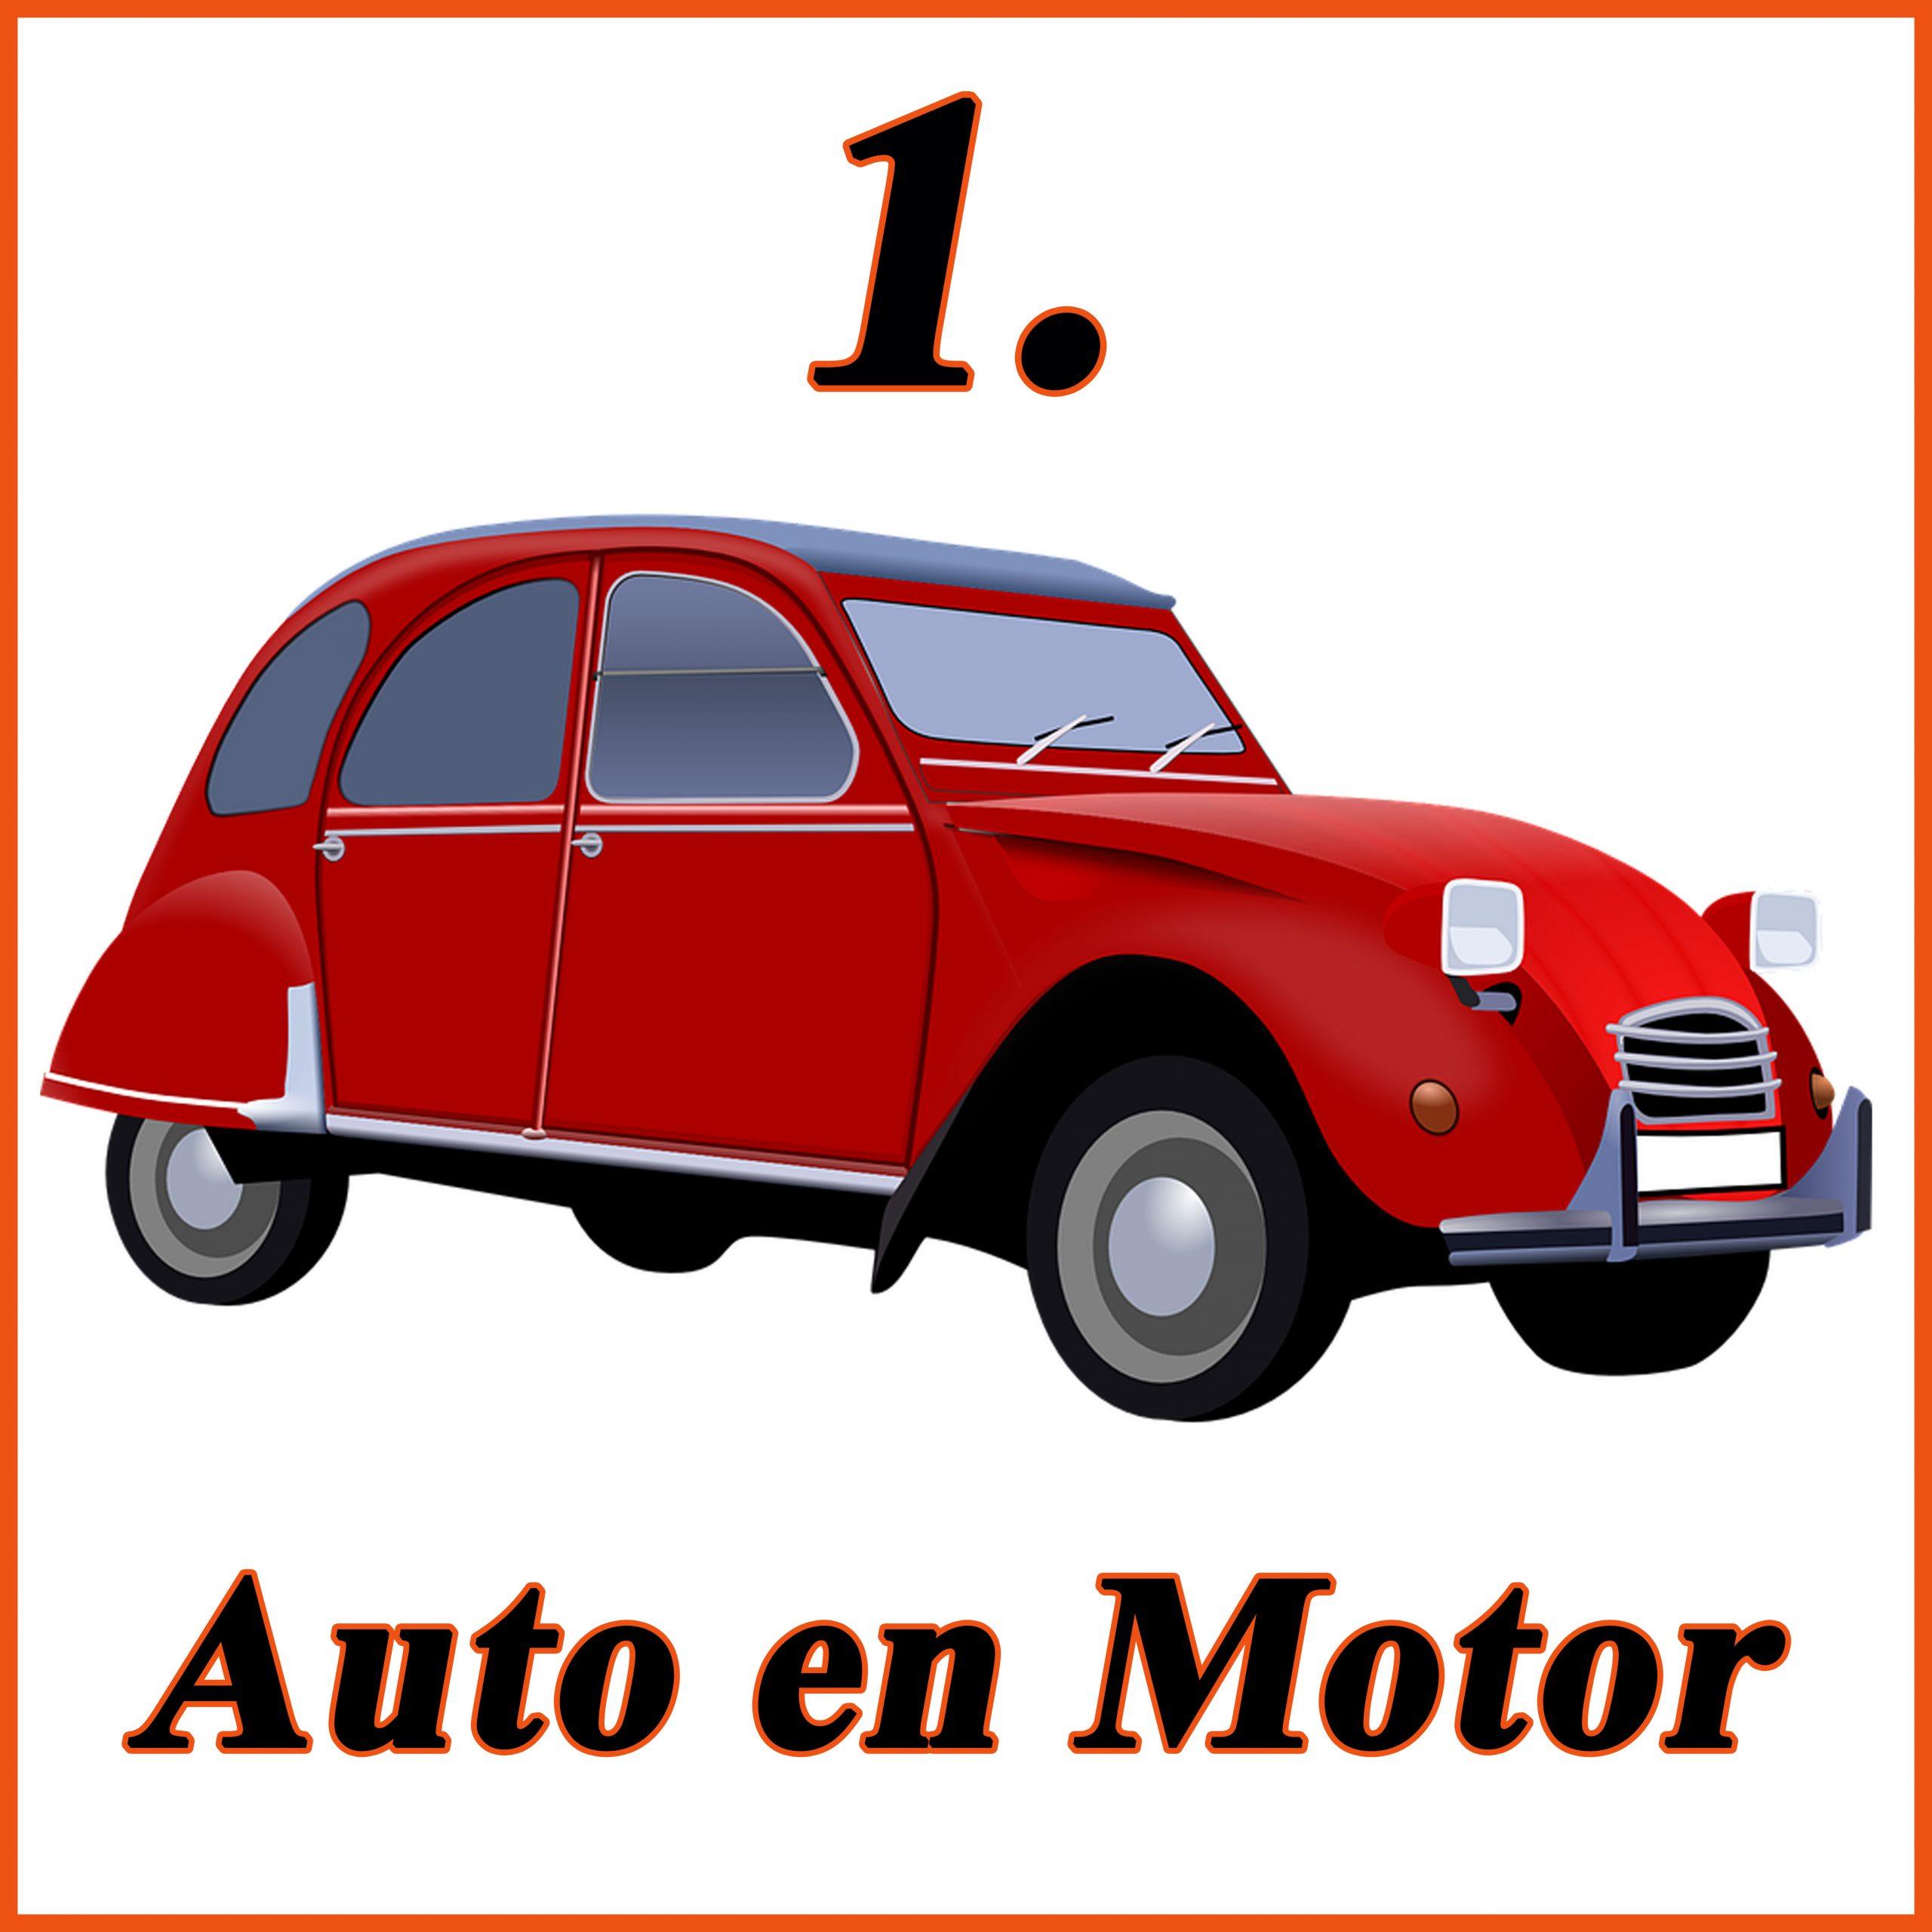 Catalogus Auto en motor